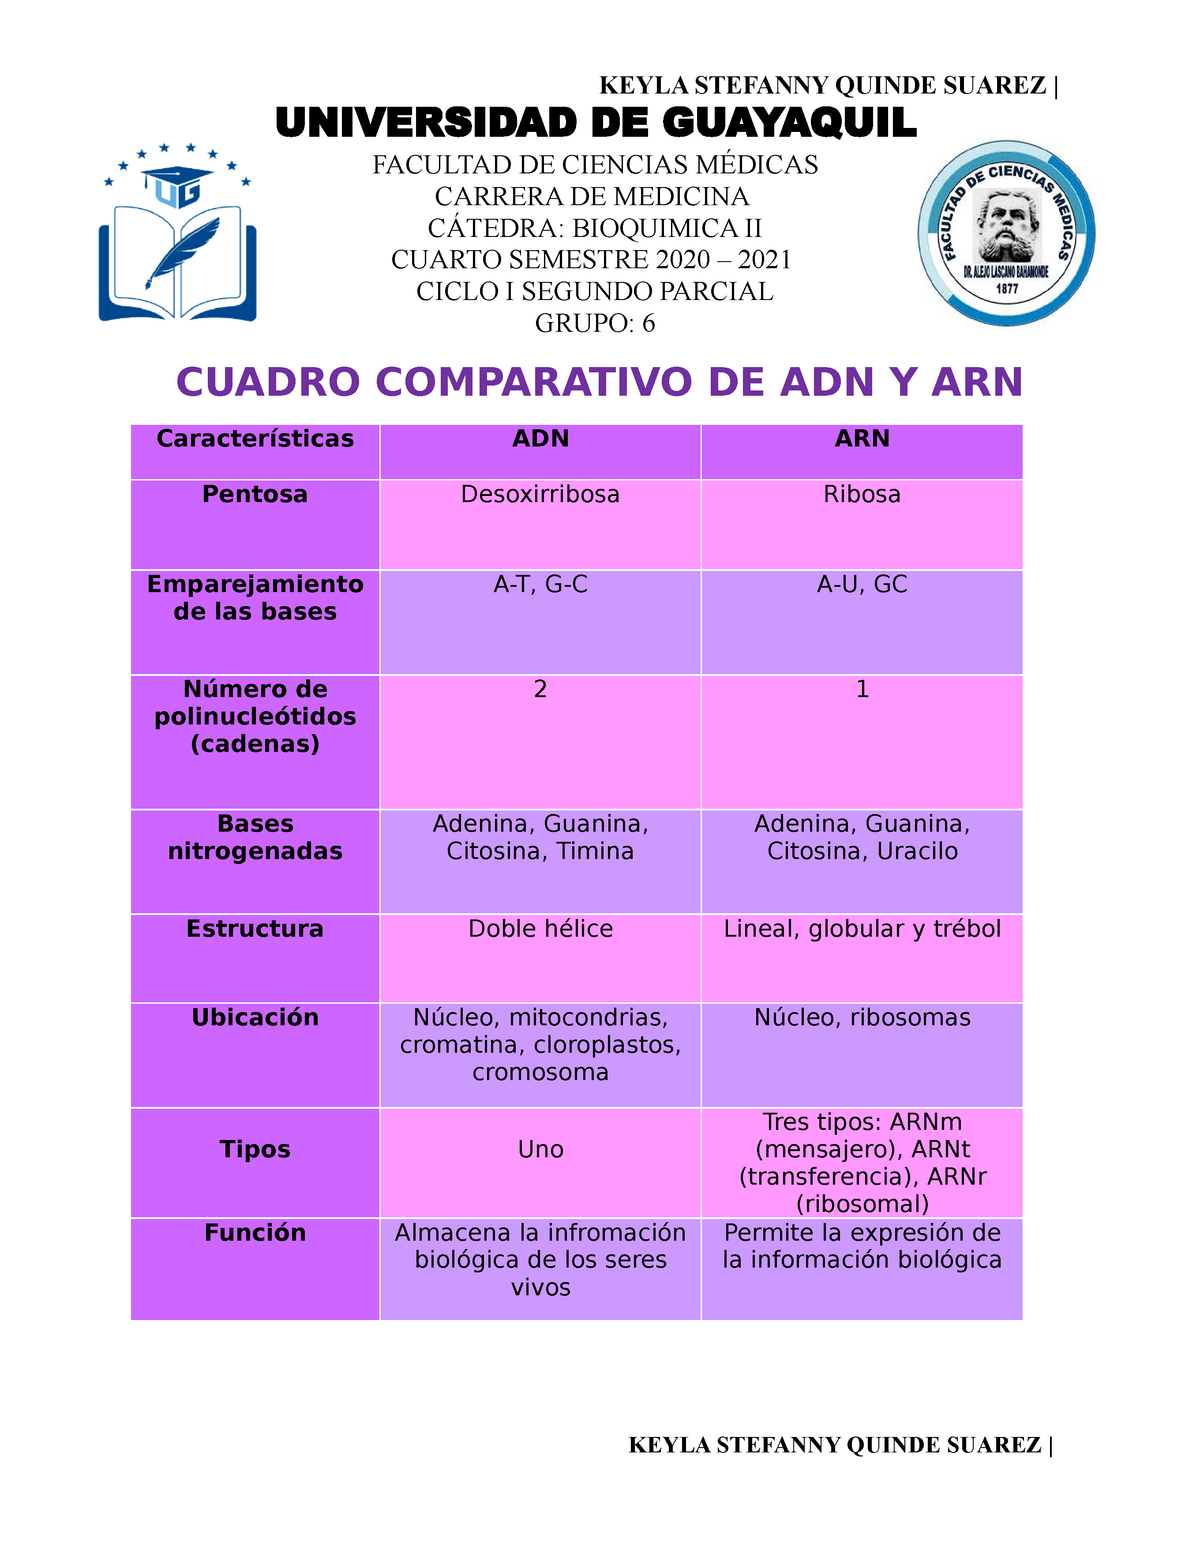 Cuadro Comparativo De Adn Y Arn Keyla Stefanny Quinde Suarez Cuadro Comparativo Studocu